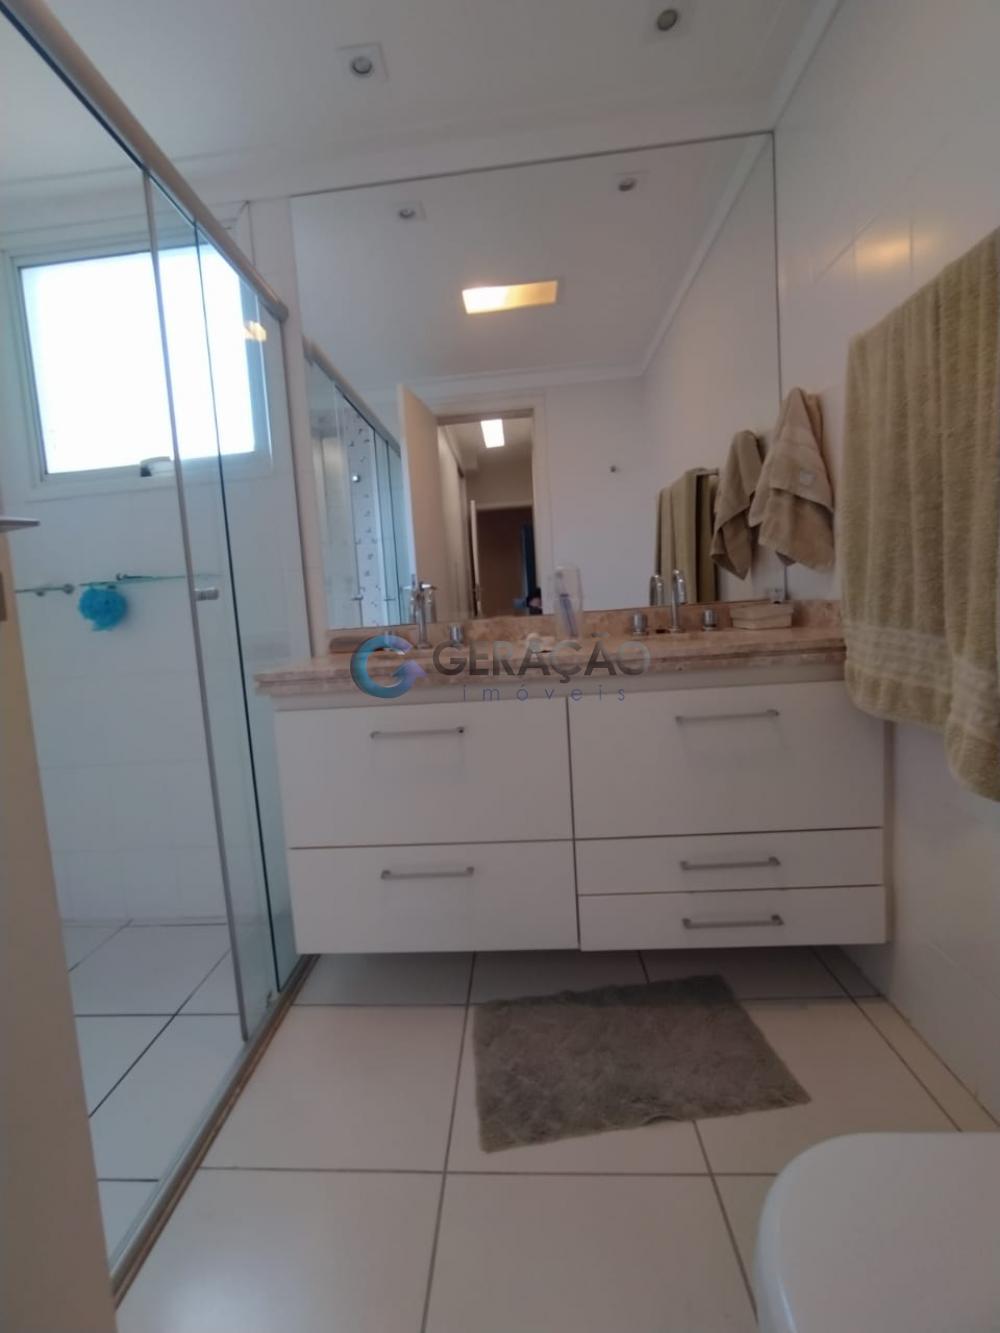 Alugar Apartamento / Padrão em São José dos Campos R$ 7.600,00 - Foto 16